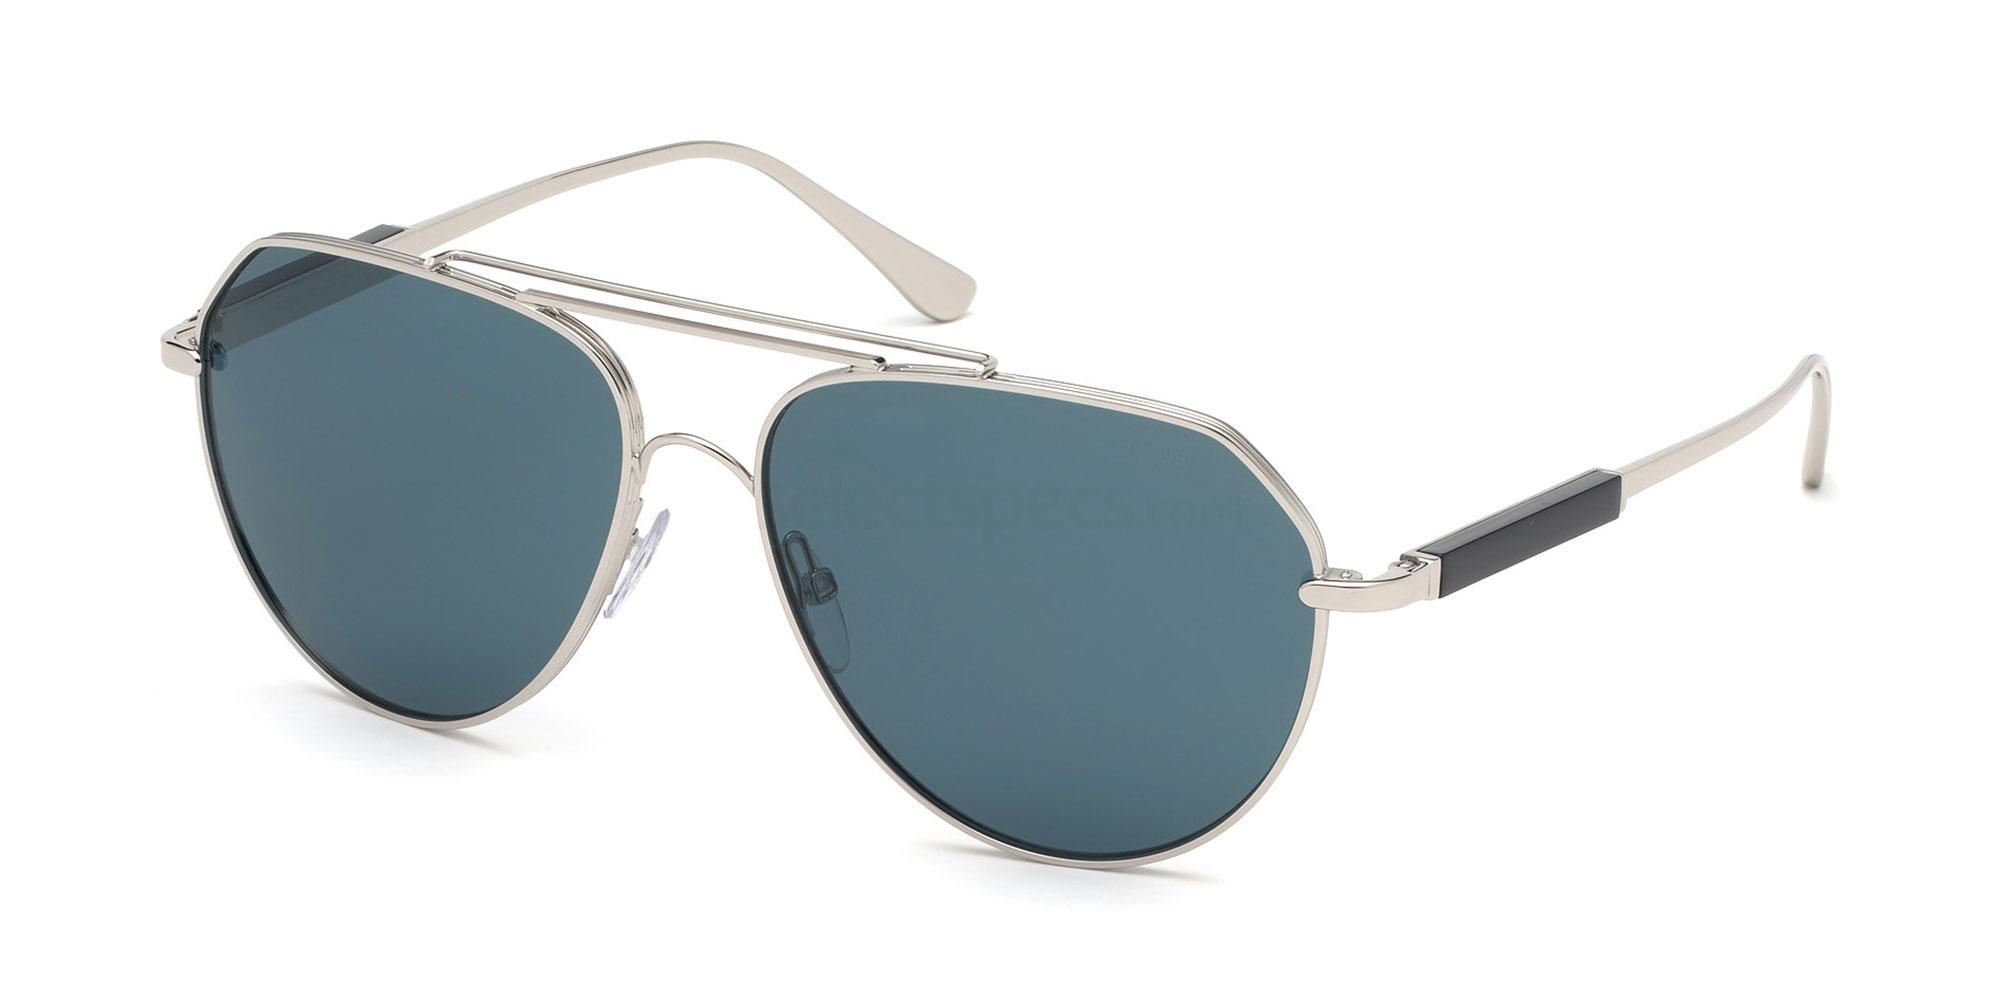 16V FT0670 Sunglasses, Tom Ford